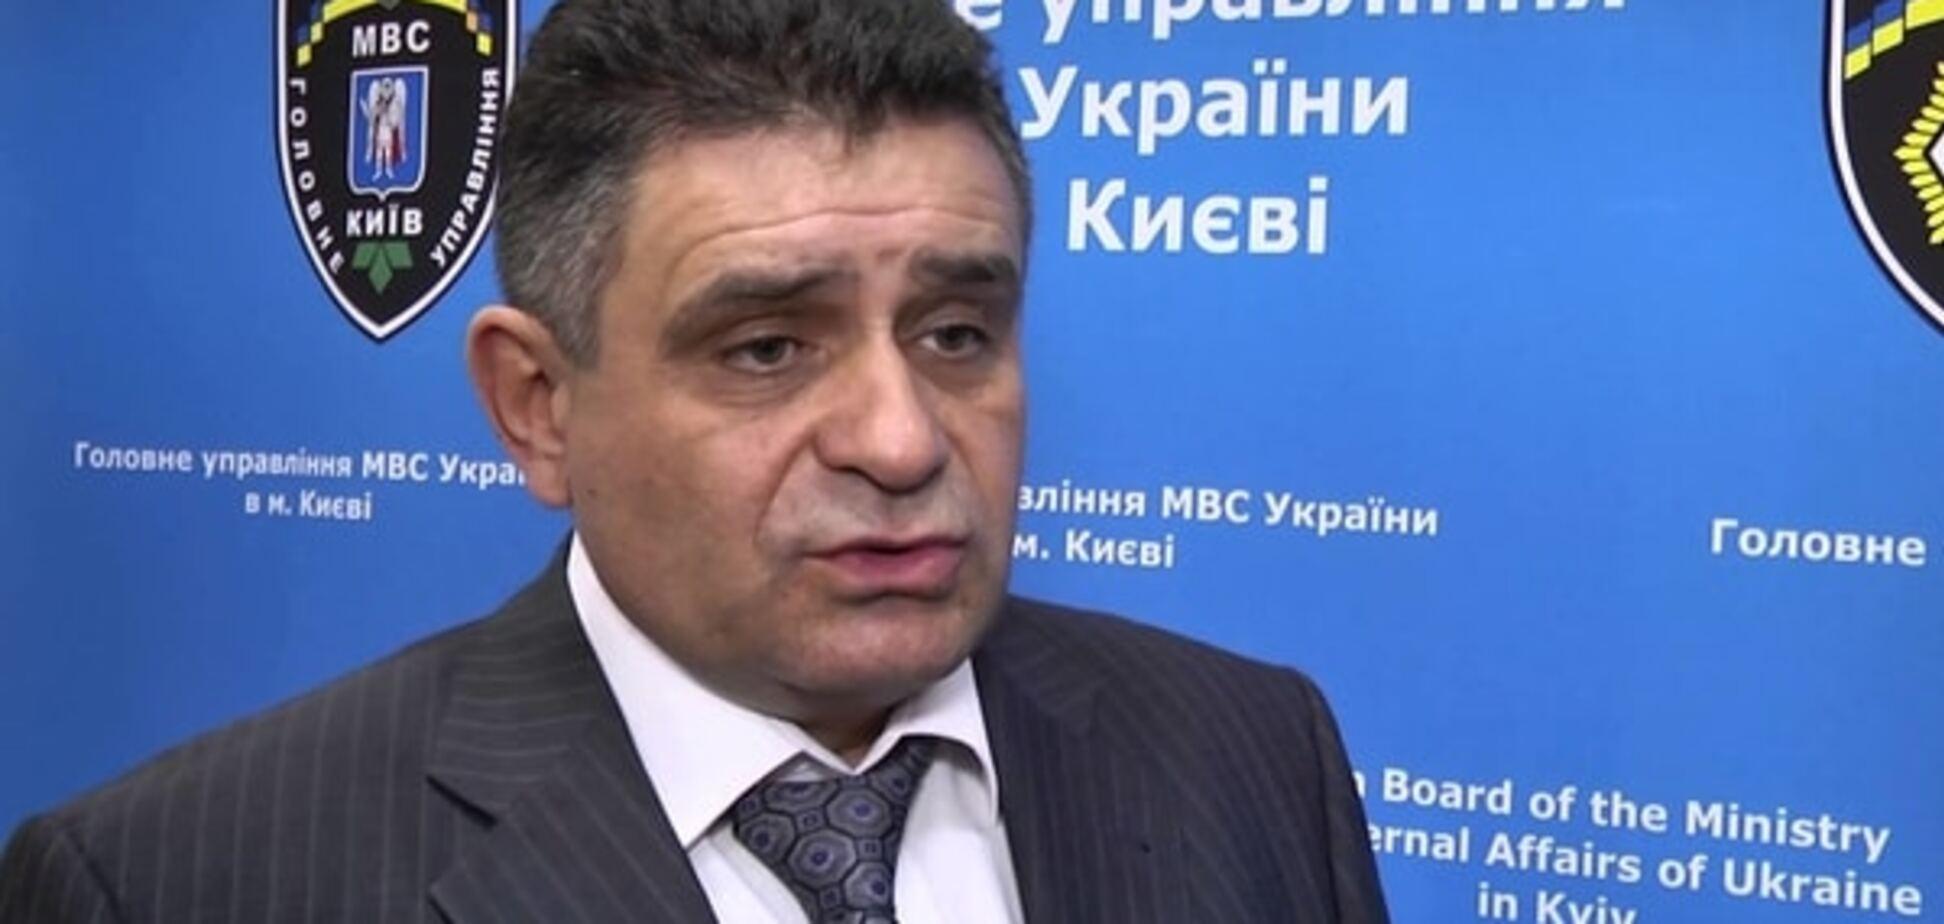 МВС: злочинці, що відкрили стрілянину в київському кафе, оголошені в розшук